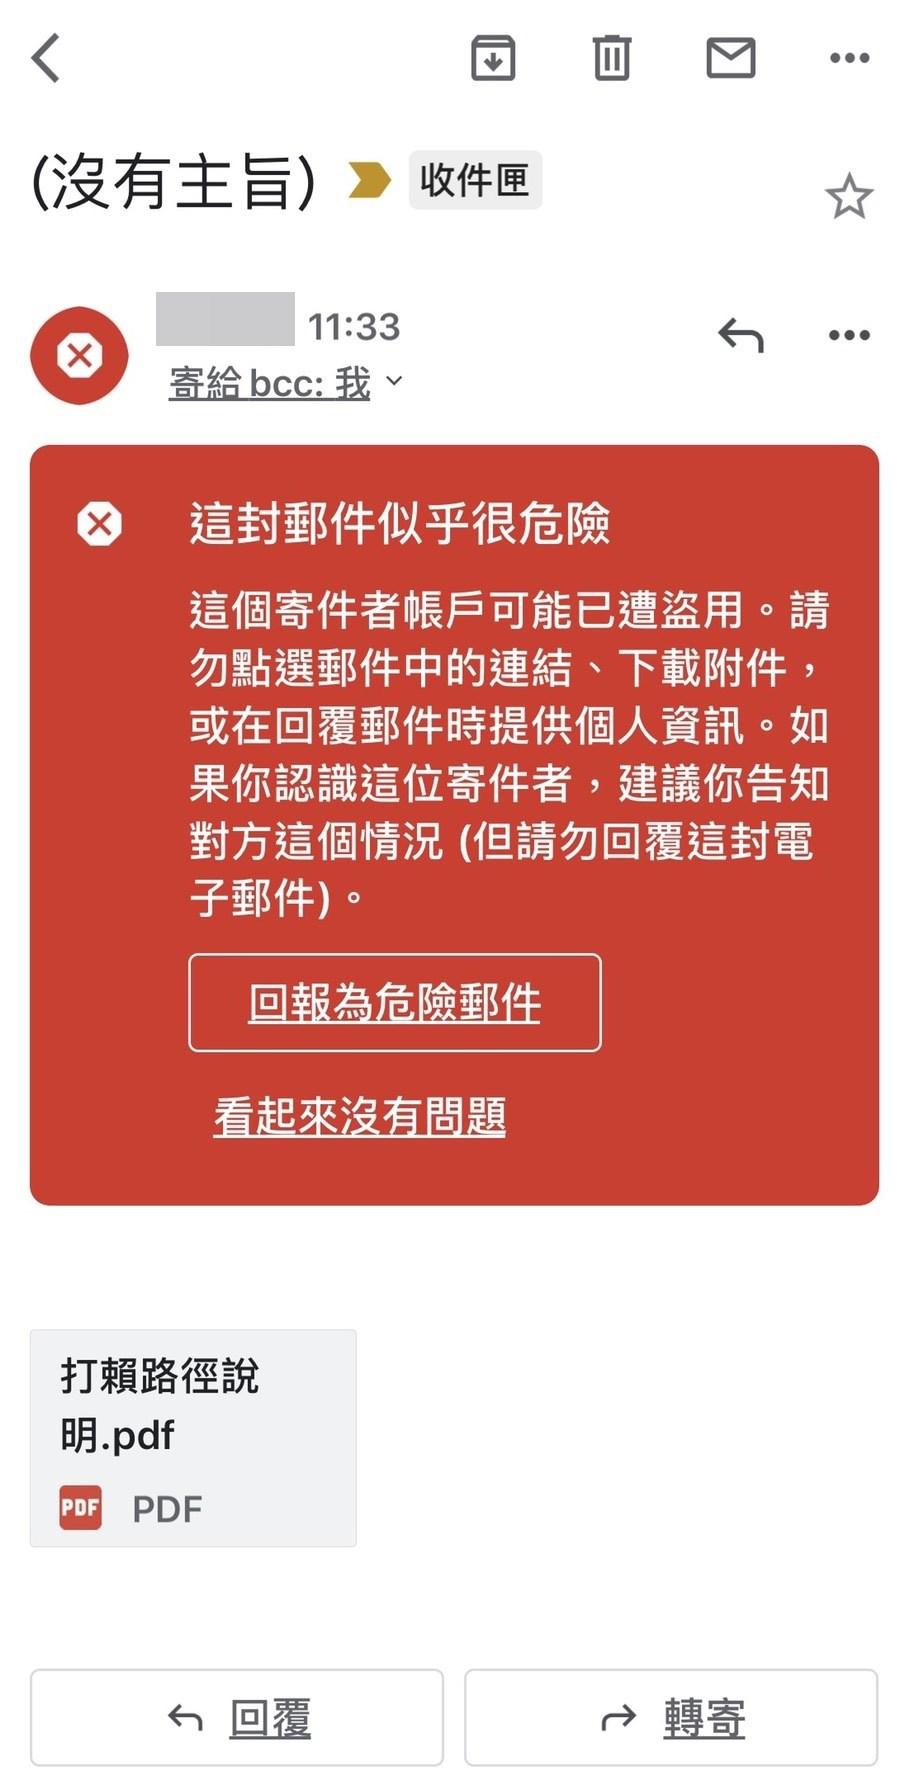 總統蔡英文與行政院長蘇貞昌會面資料遭變造外洩,府線記者16日繼續收到相關郵件,Google已對Gmail用戶發出危險郵件警告,呼籲使用者不要點選連結或下載附件。(中央社)